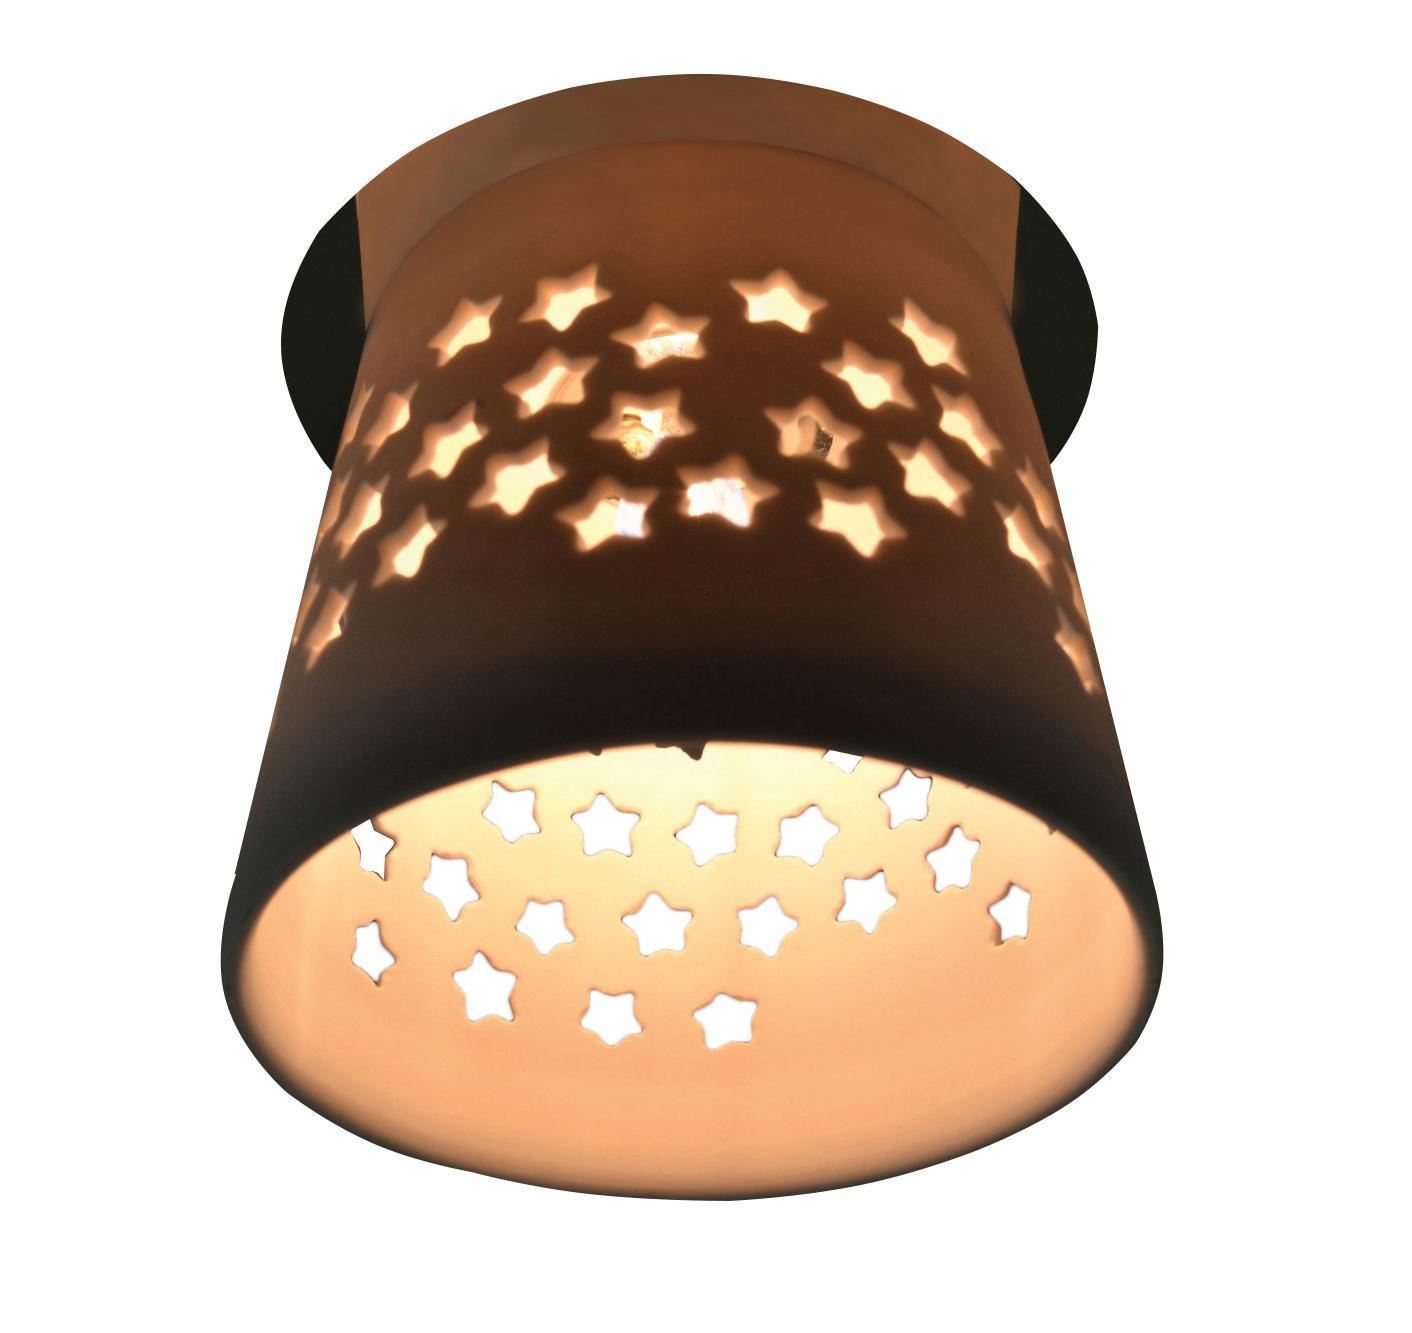 Светильник встраиваемый Arte lamp A8803pl-1wh встраиваемый светильник arte lamp cielo a7314pl 1wh